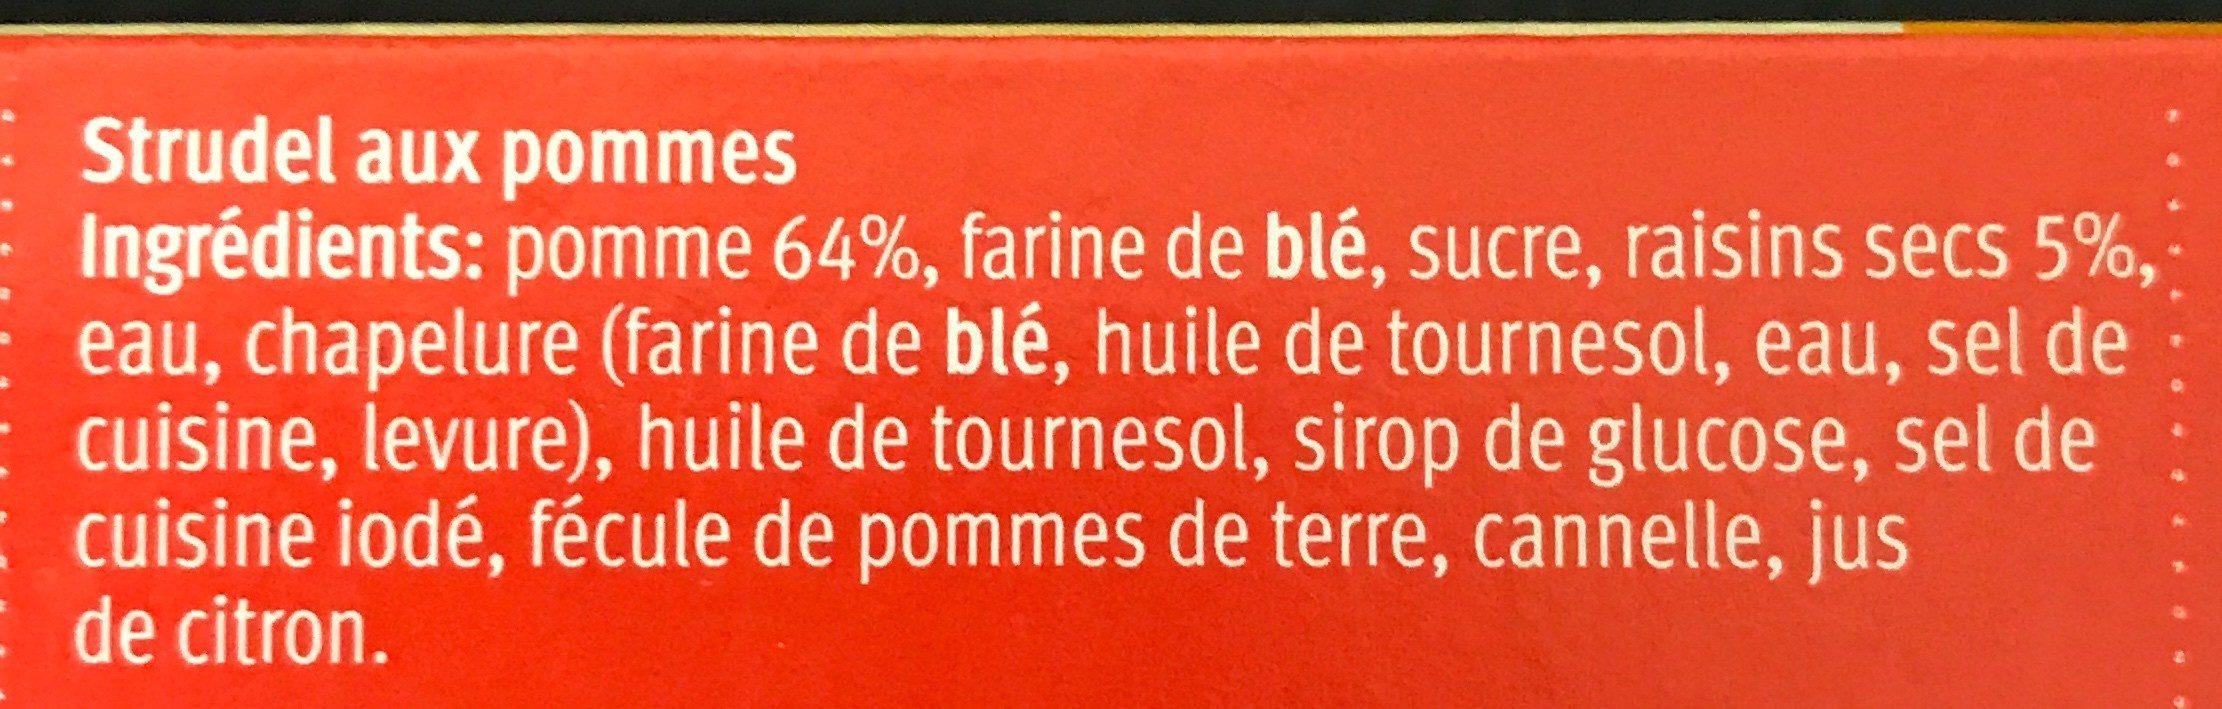 Strudel aux pommes - Ingredients - fr